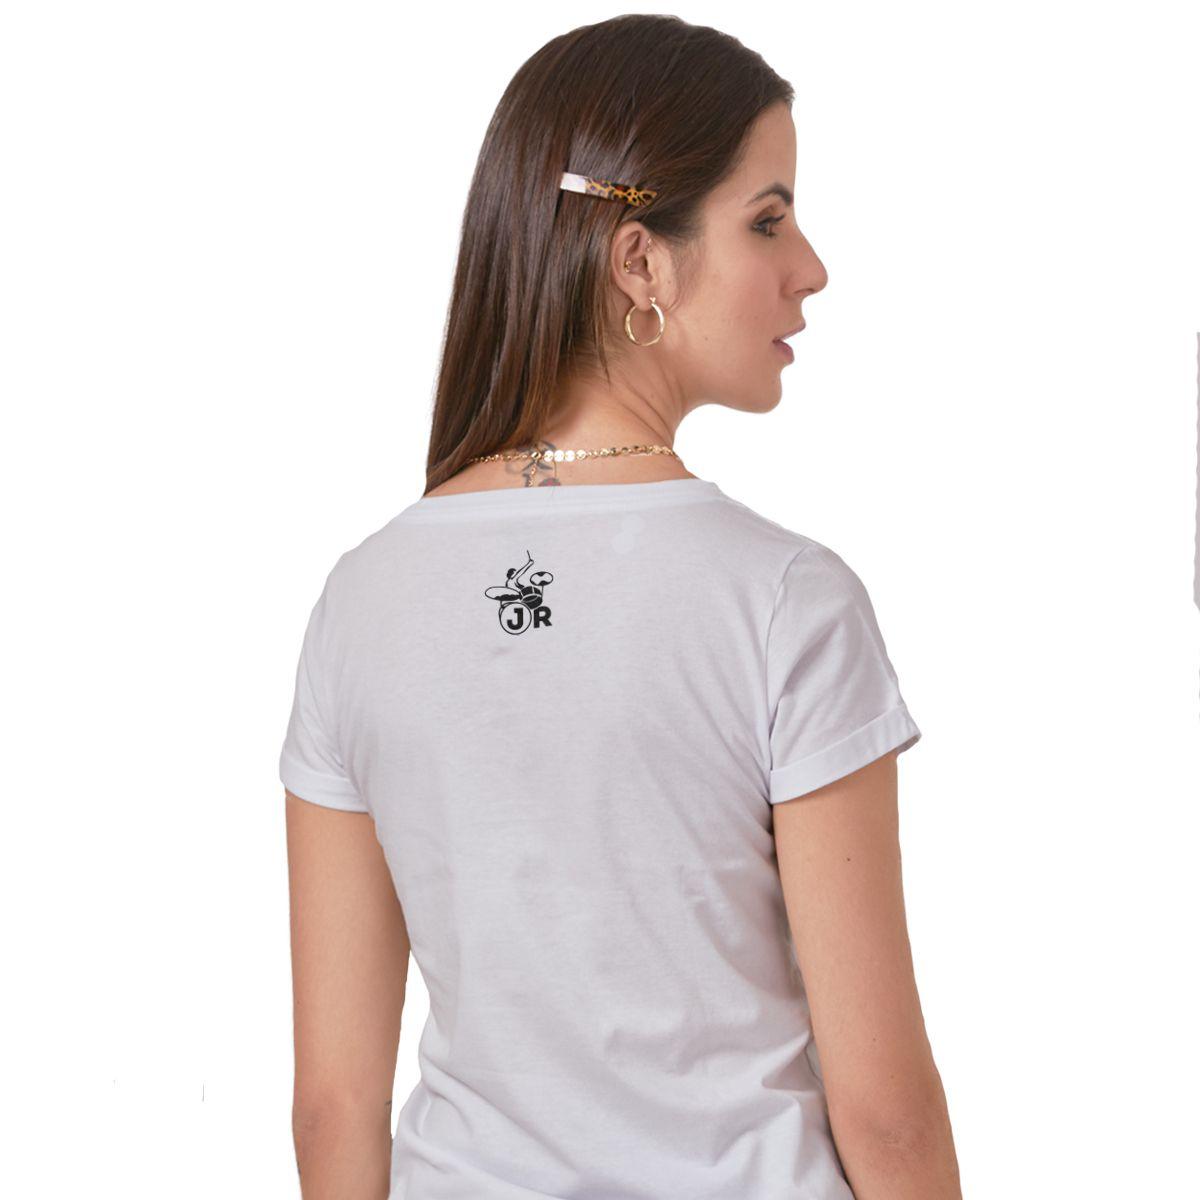 Camiseta Feminina João Rock Música, Paz e Diversão Mod.2